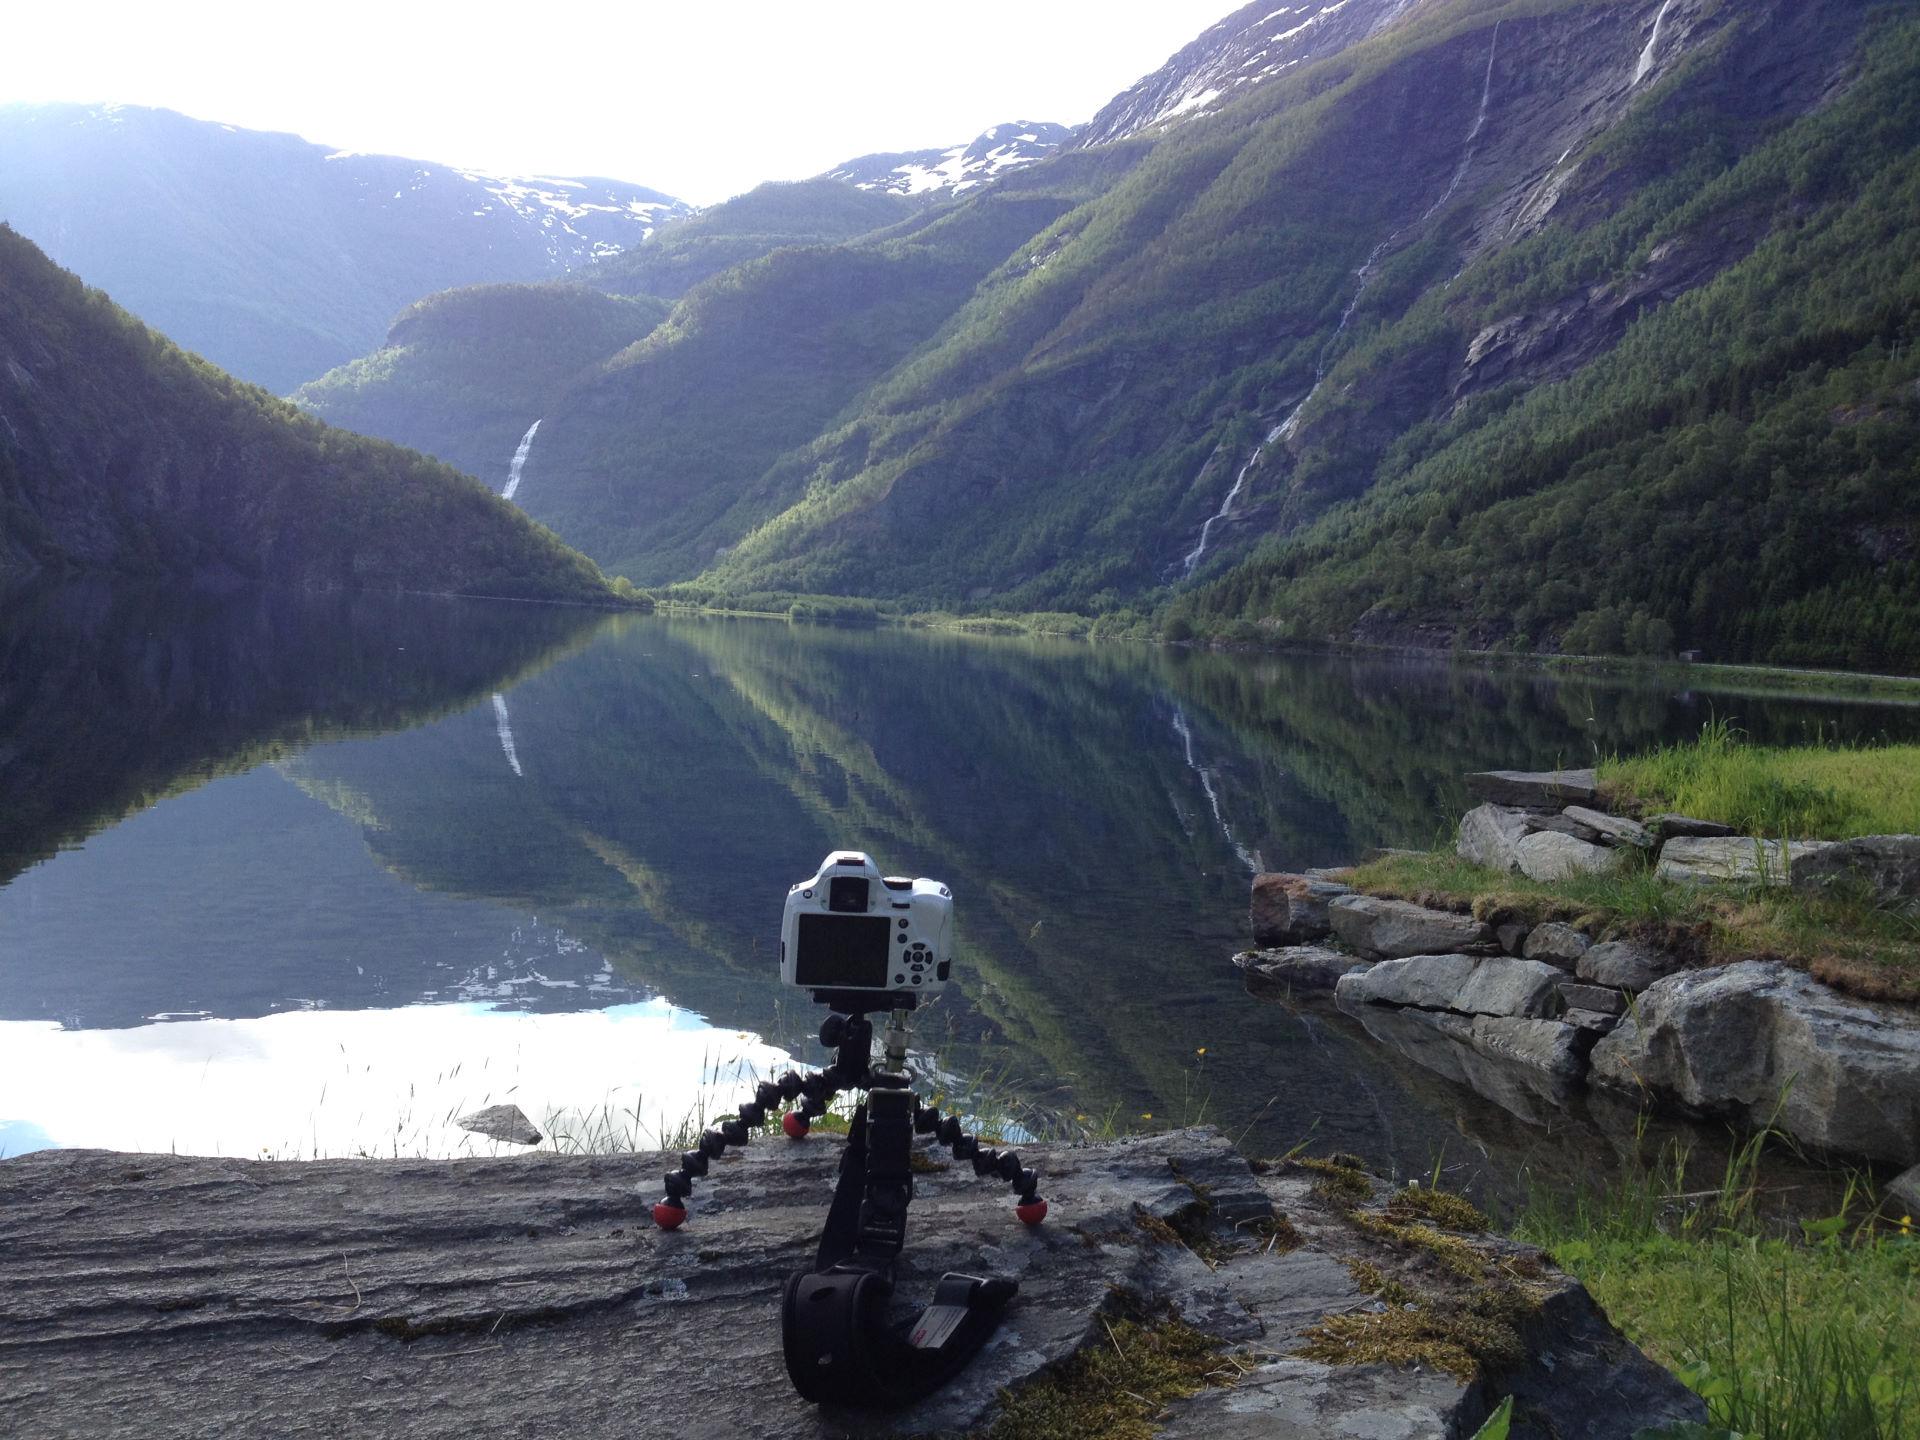 Norge 26.-28. juni - Fra Nymoen Camping til Kjørnes Camping